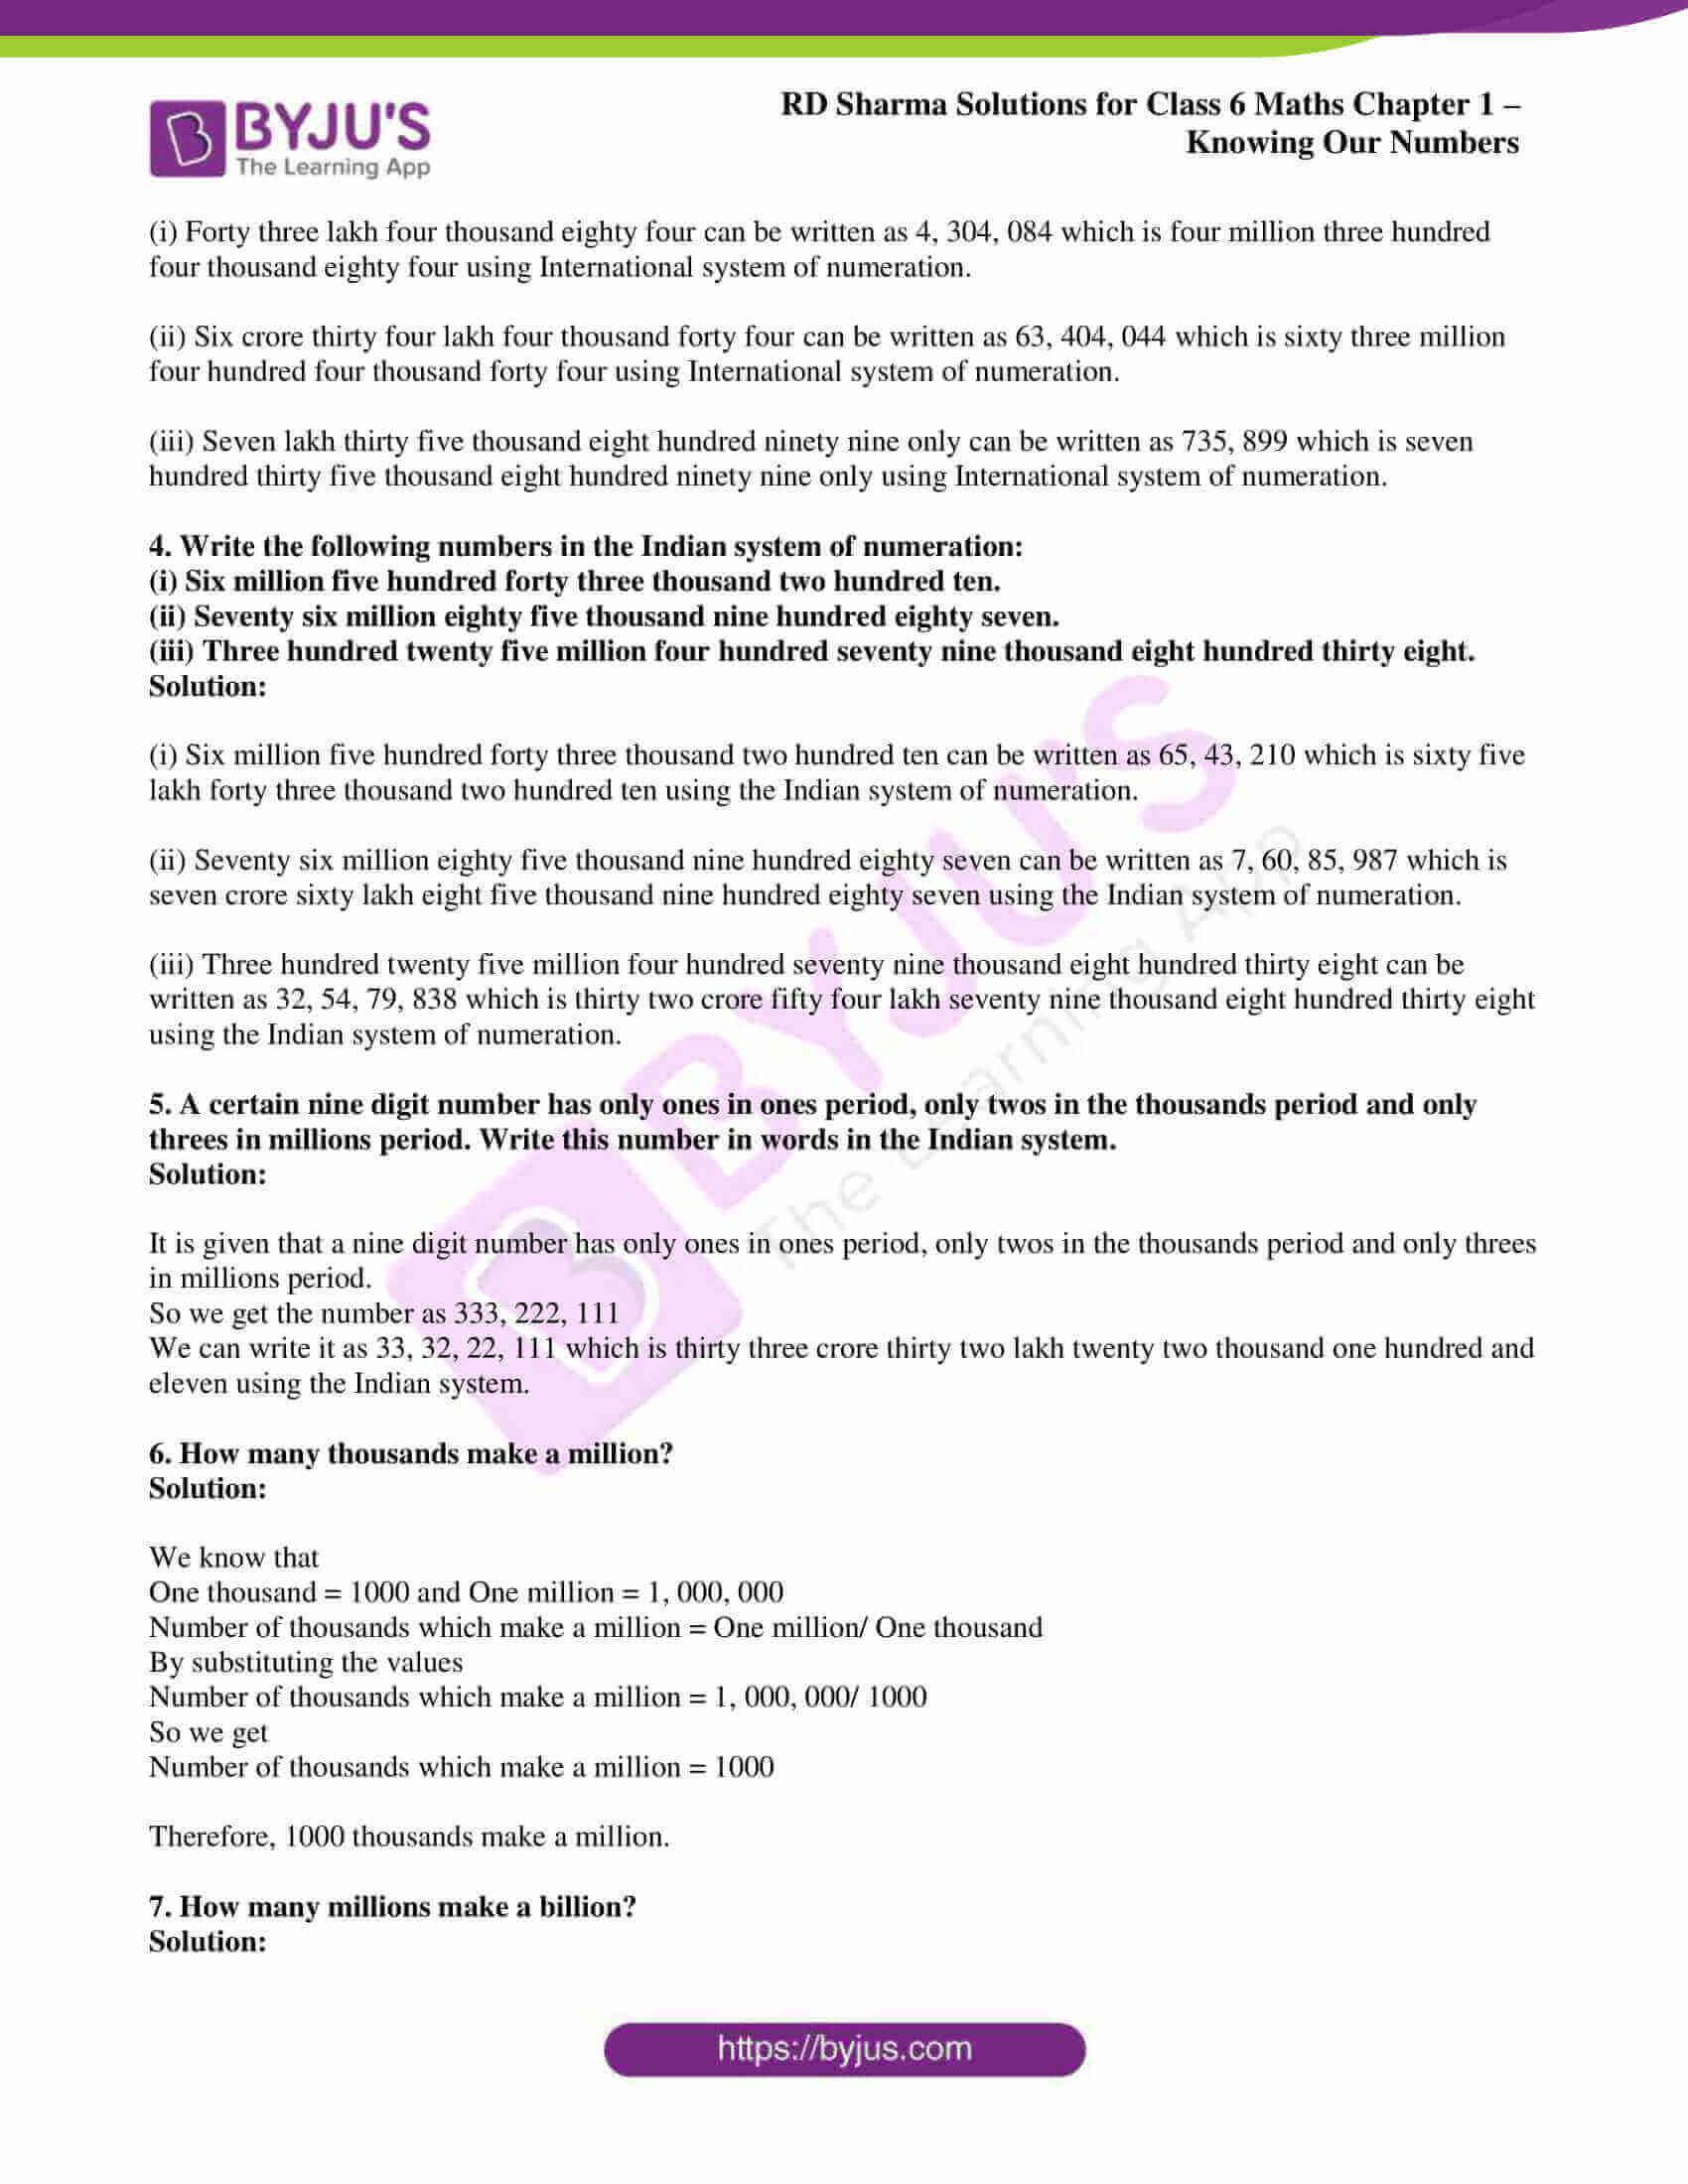 rd sharma class 6 maths solutions chapter 1 ex 2 2